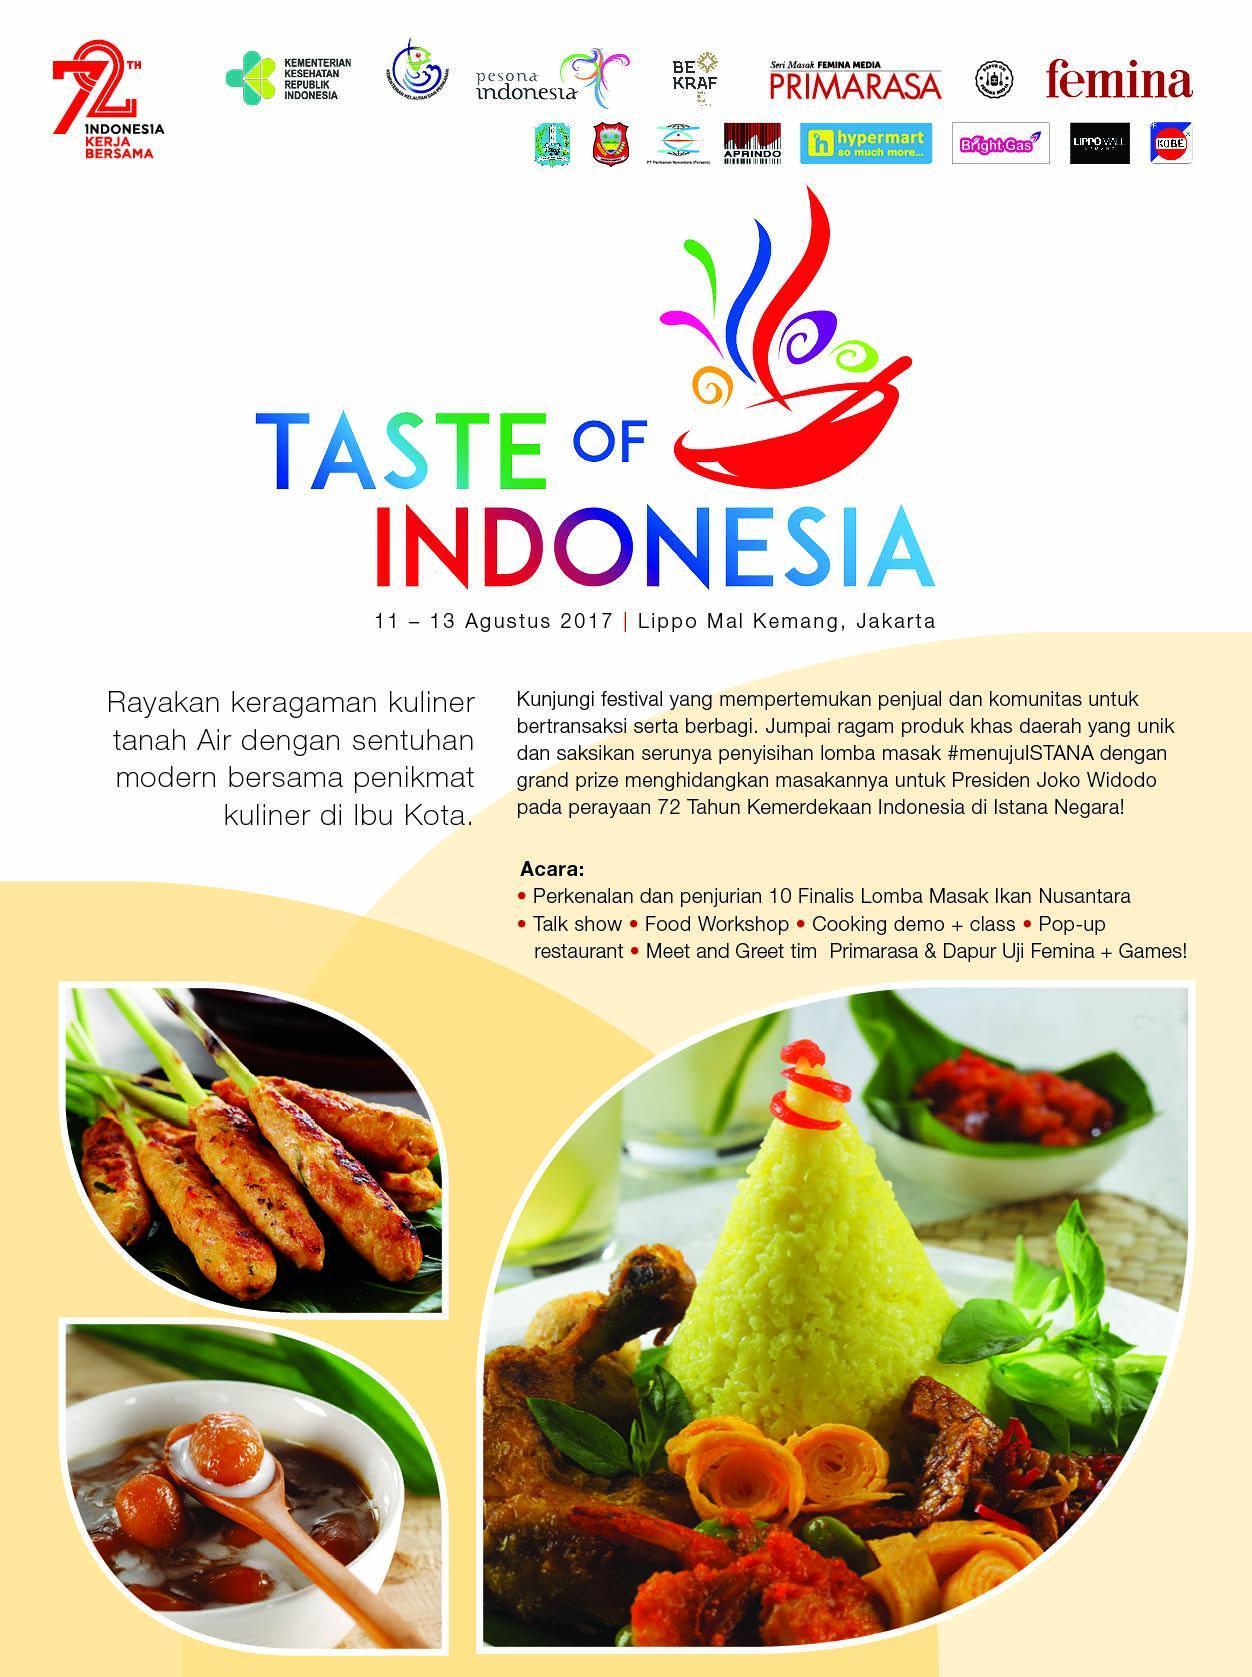 Taste Of Indonesia Merayakan Keragaman Kuliner Nusantara